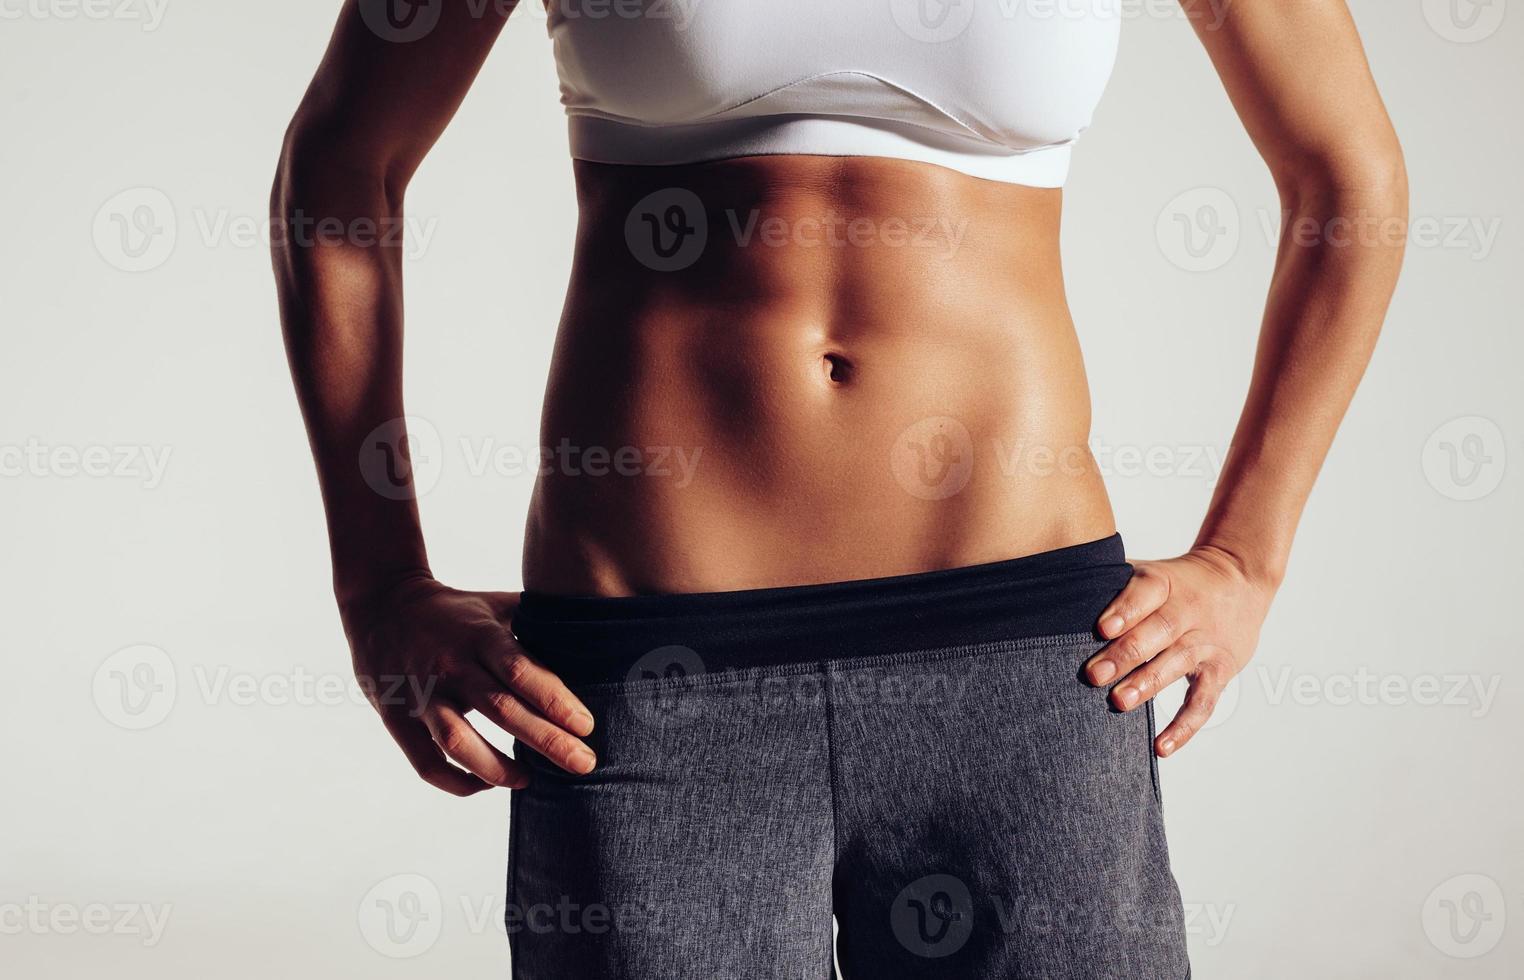 torse d'un modèle de fitness féminin photo